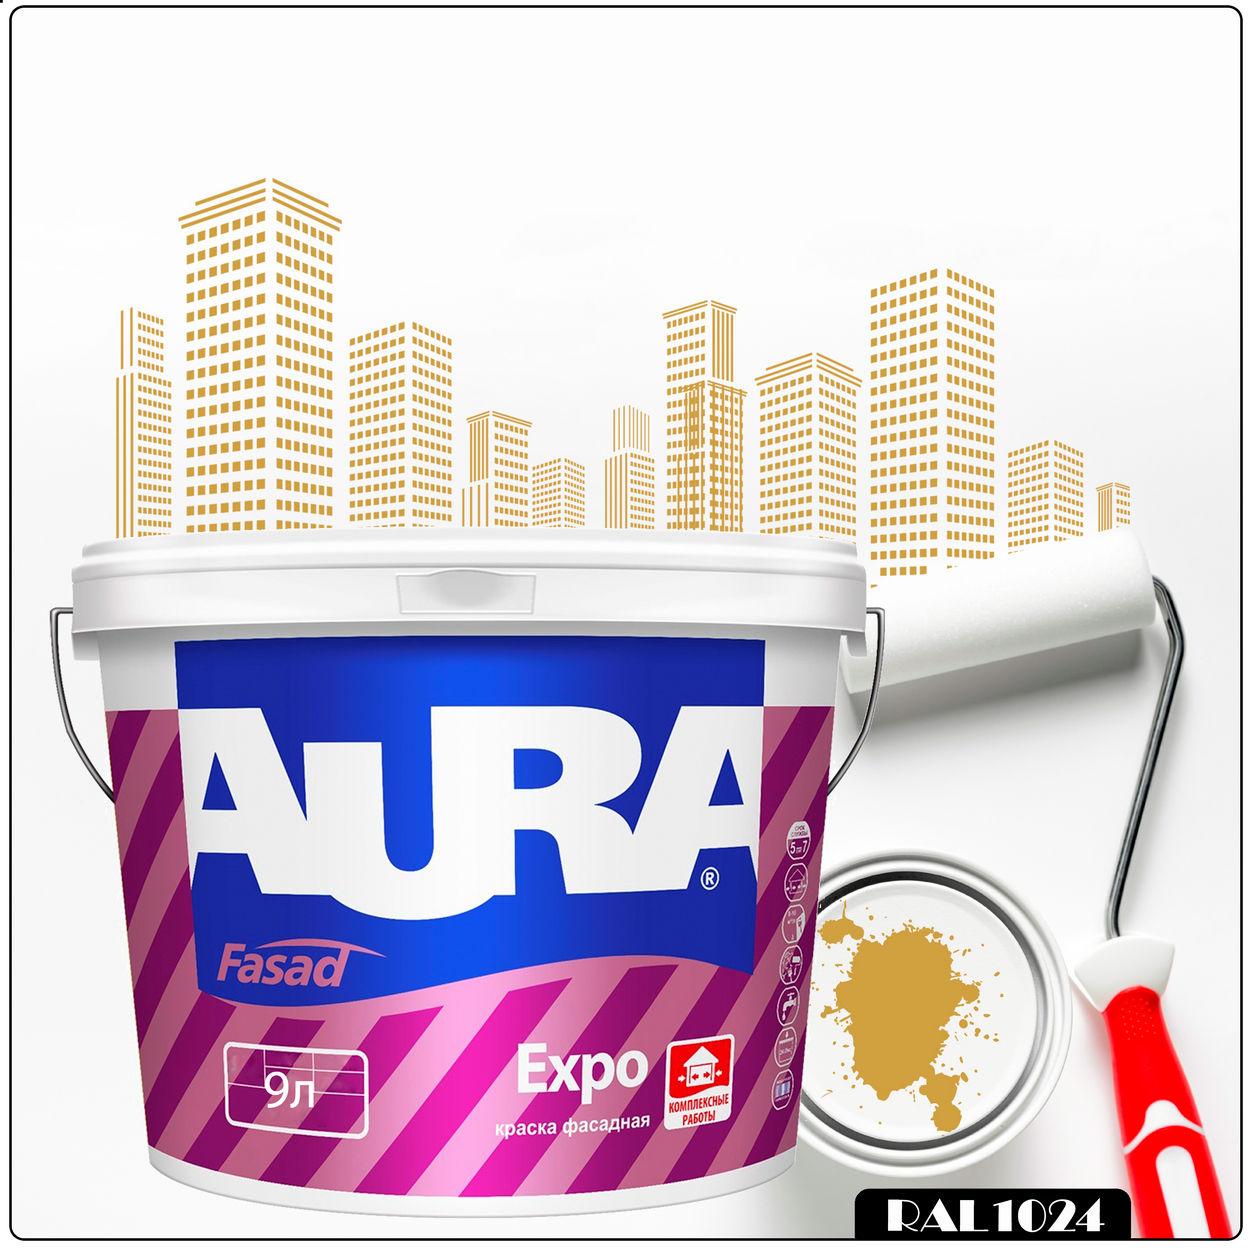 Фото 21 - Краска Aura Fasad Expo, RAL 1024 Жёлтая-охра, матовая, для фасадов и помещений с повышенной влажностью, 9л.